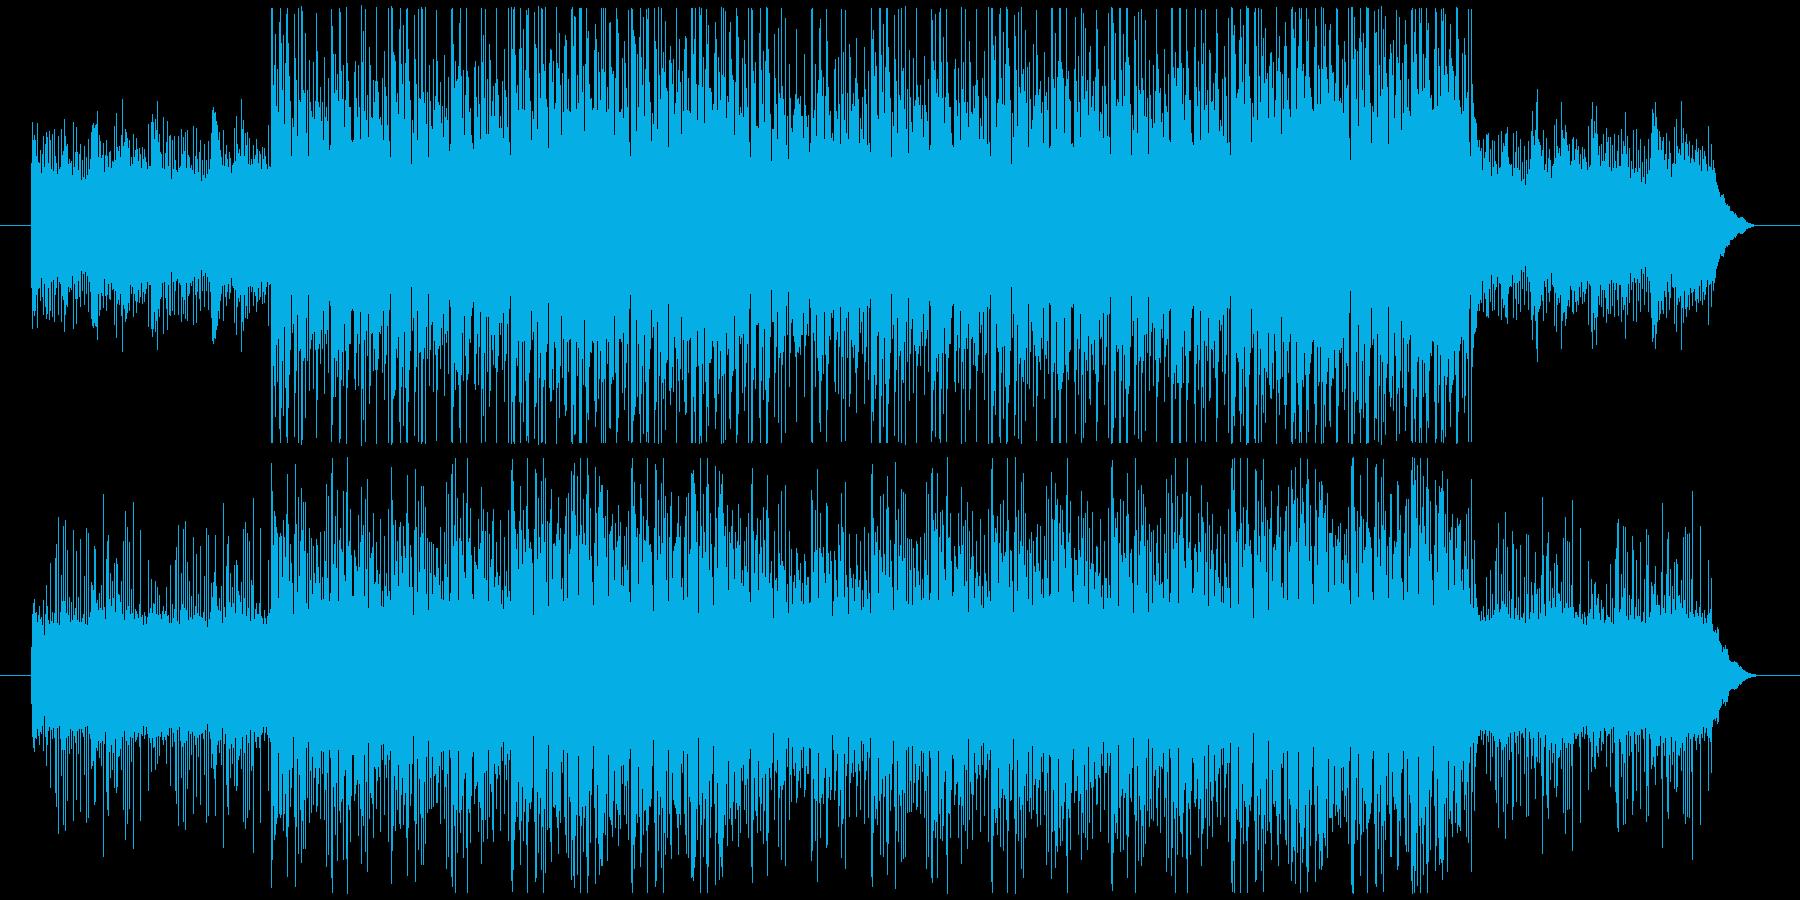 パーカッションによるダークなBGMの再生済みの波形